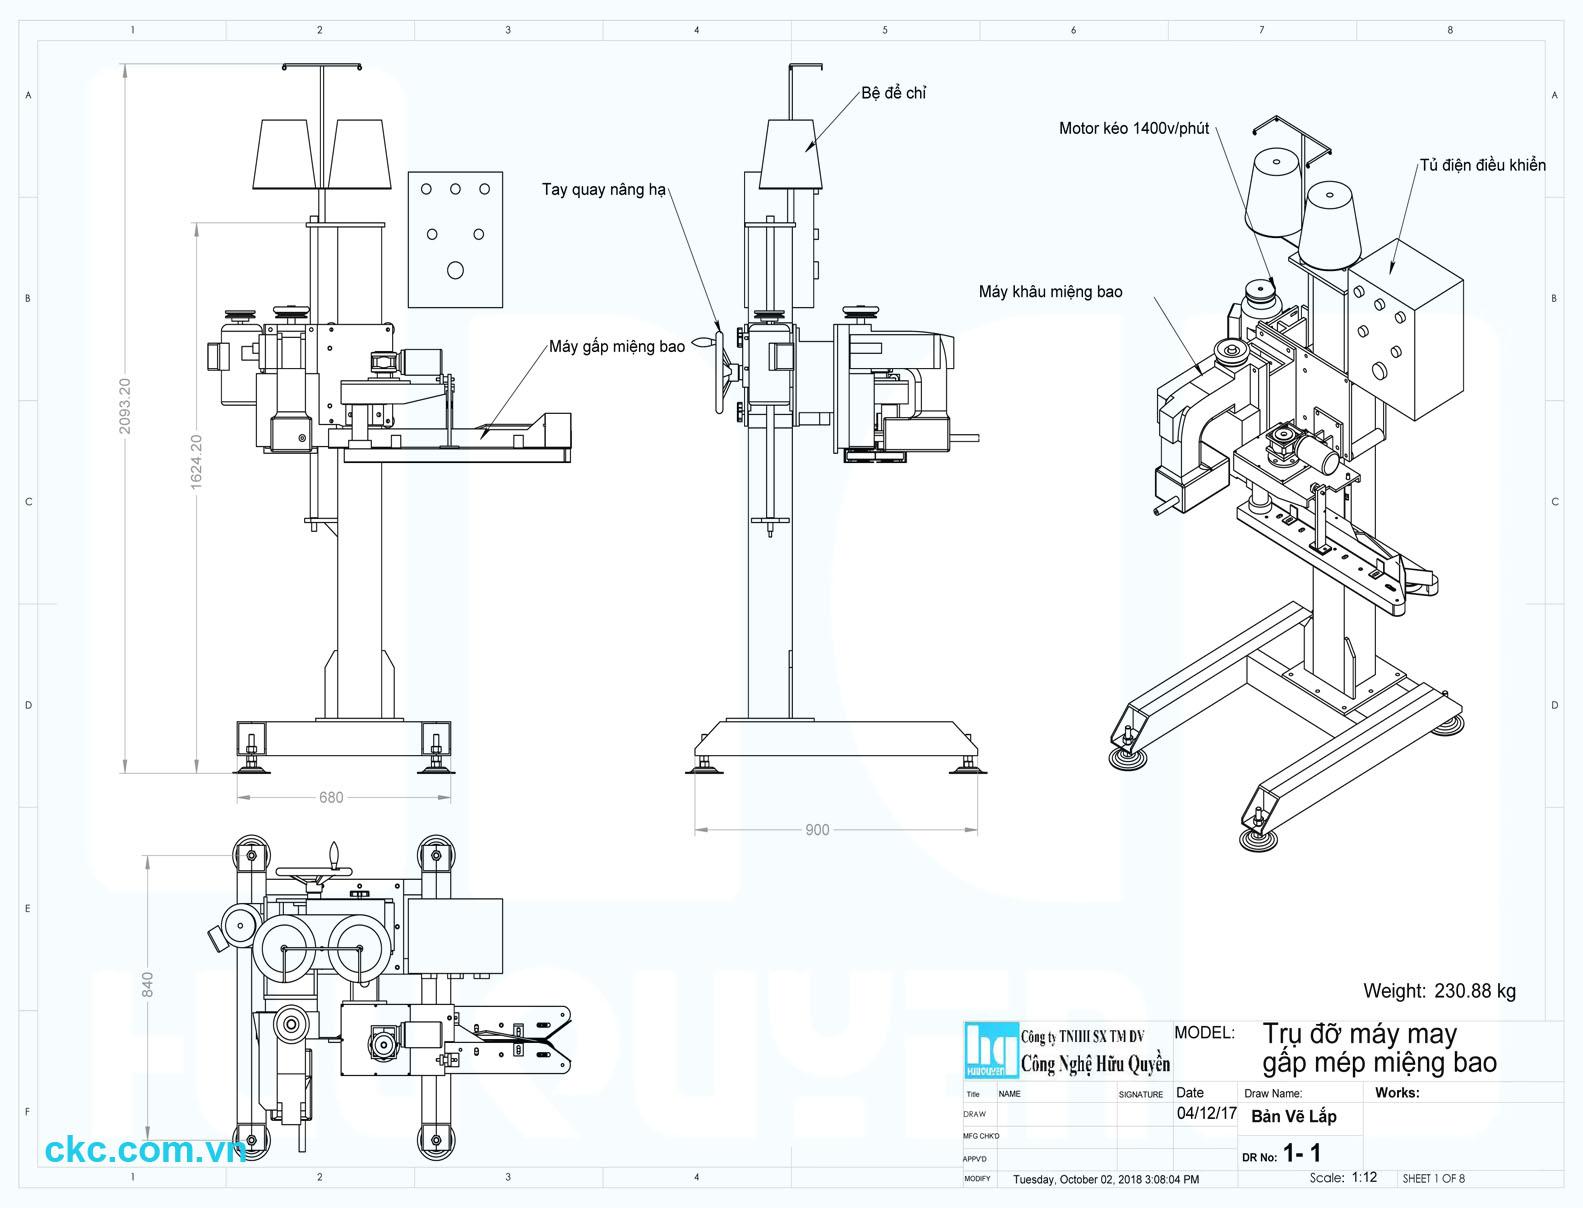 Kích thước hệ thống máy gấp mép miệng bao HQ-4900 băng tải trụ đỡ may bao tủ điện điều khiển